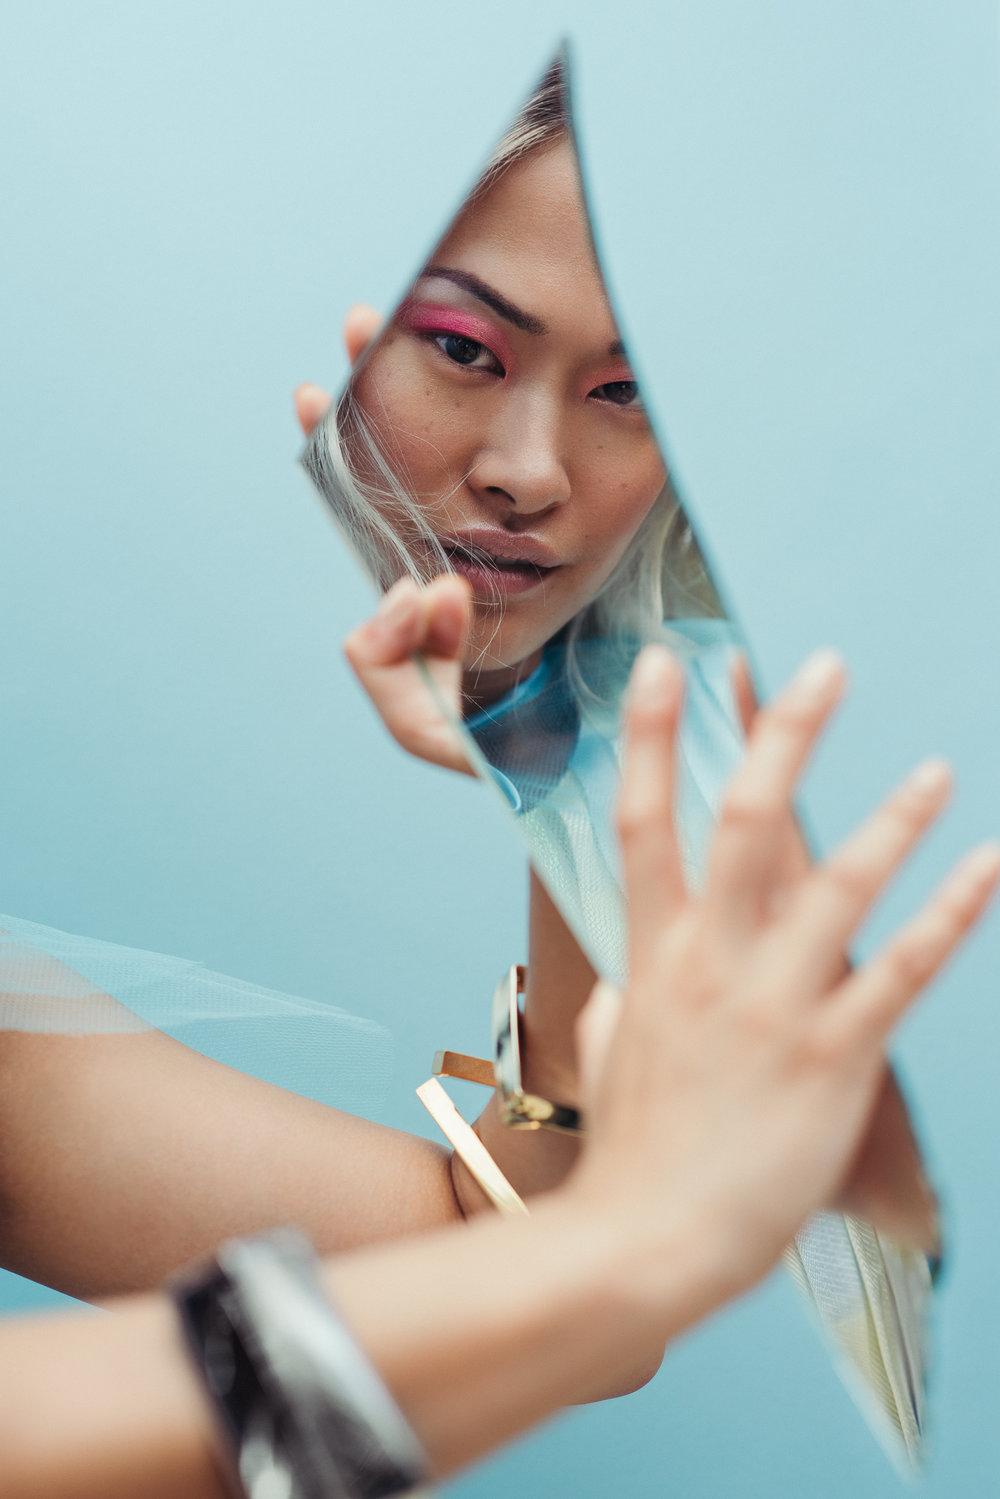 Augusta_Sagnelli_fashion_editorial-9.jpg